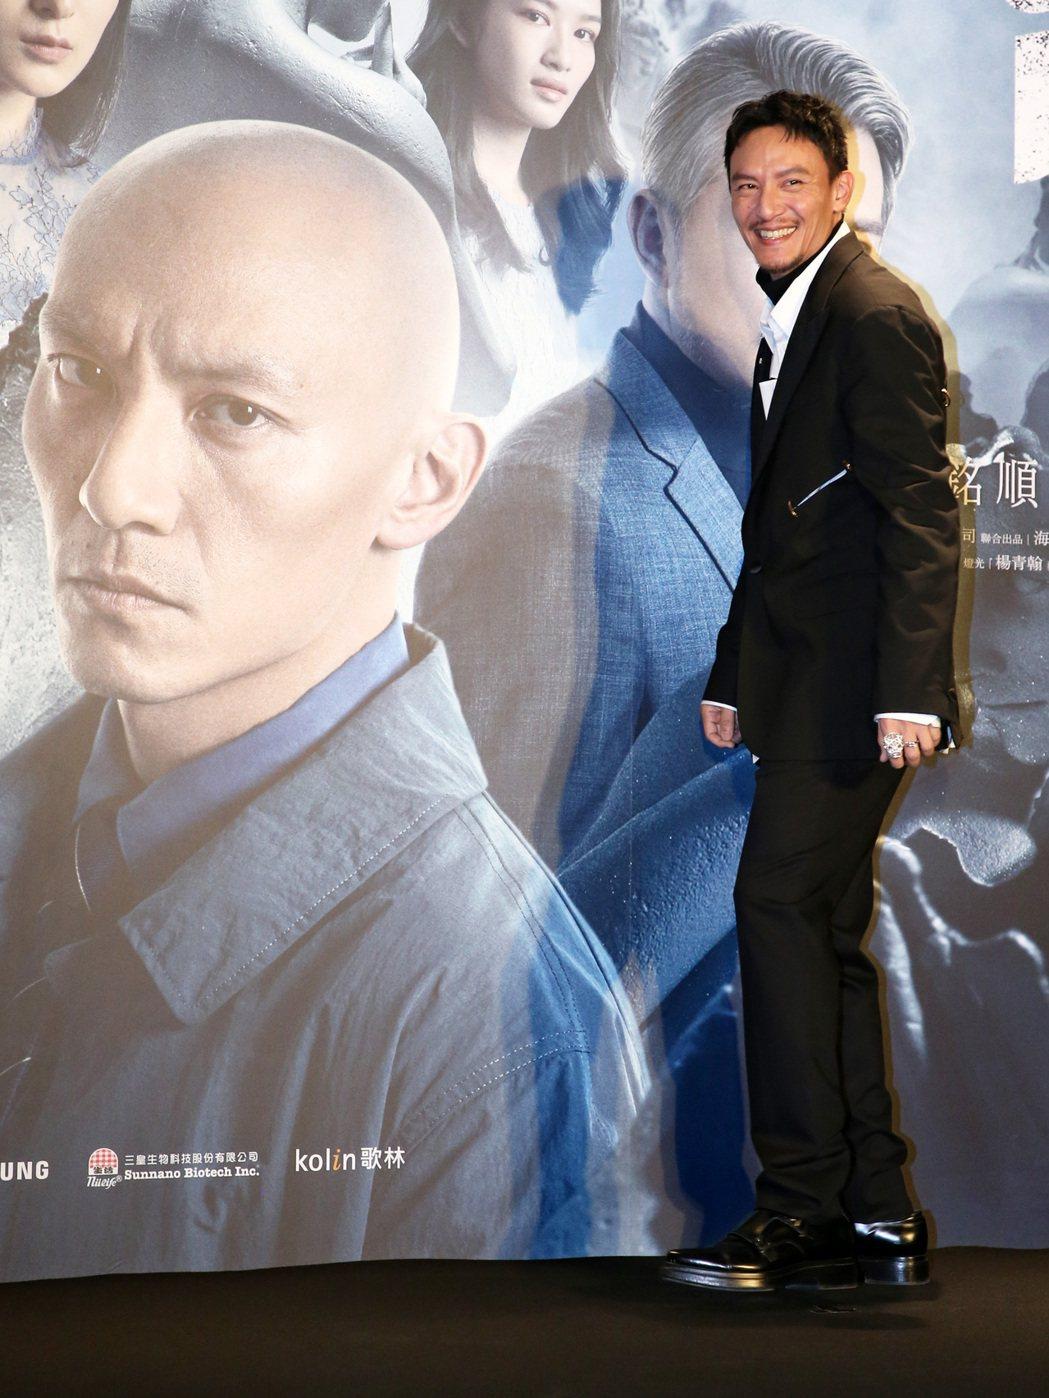 電影「緝魂」首映會,主演張震出席。記者胡經周/攝影